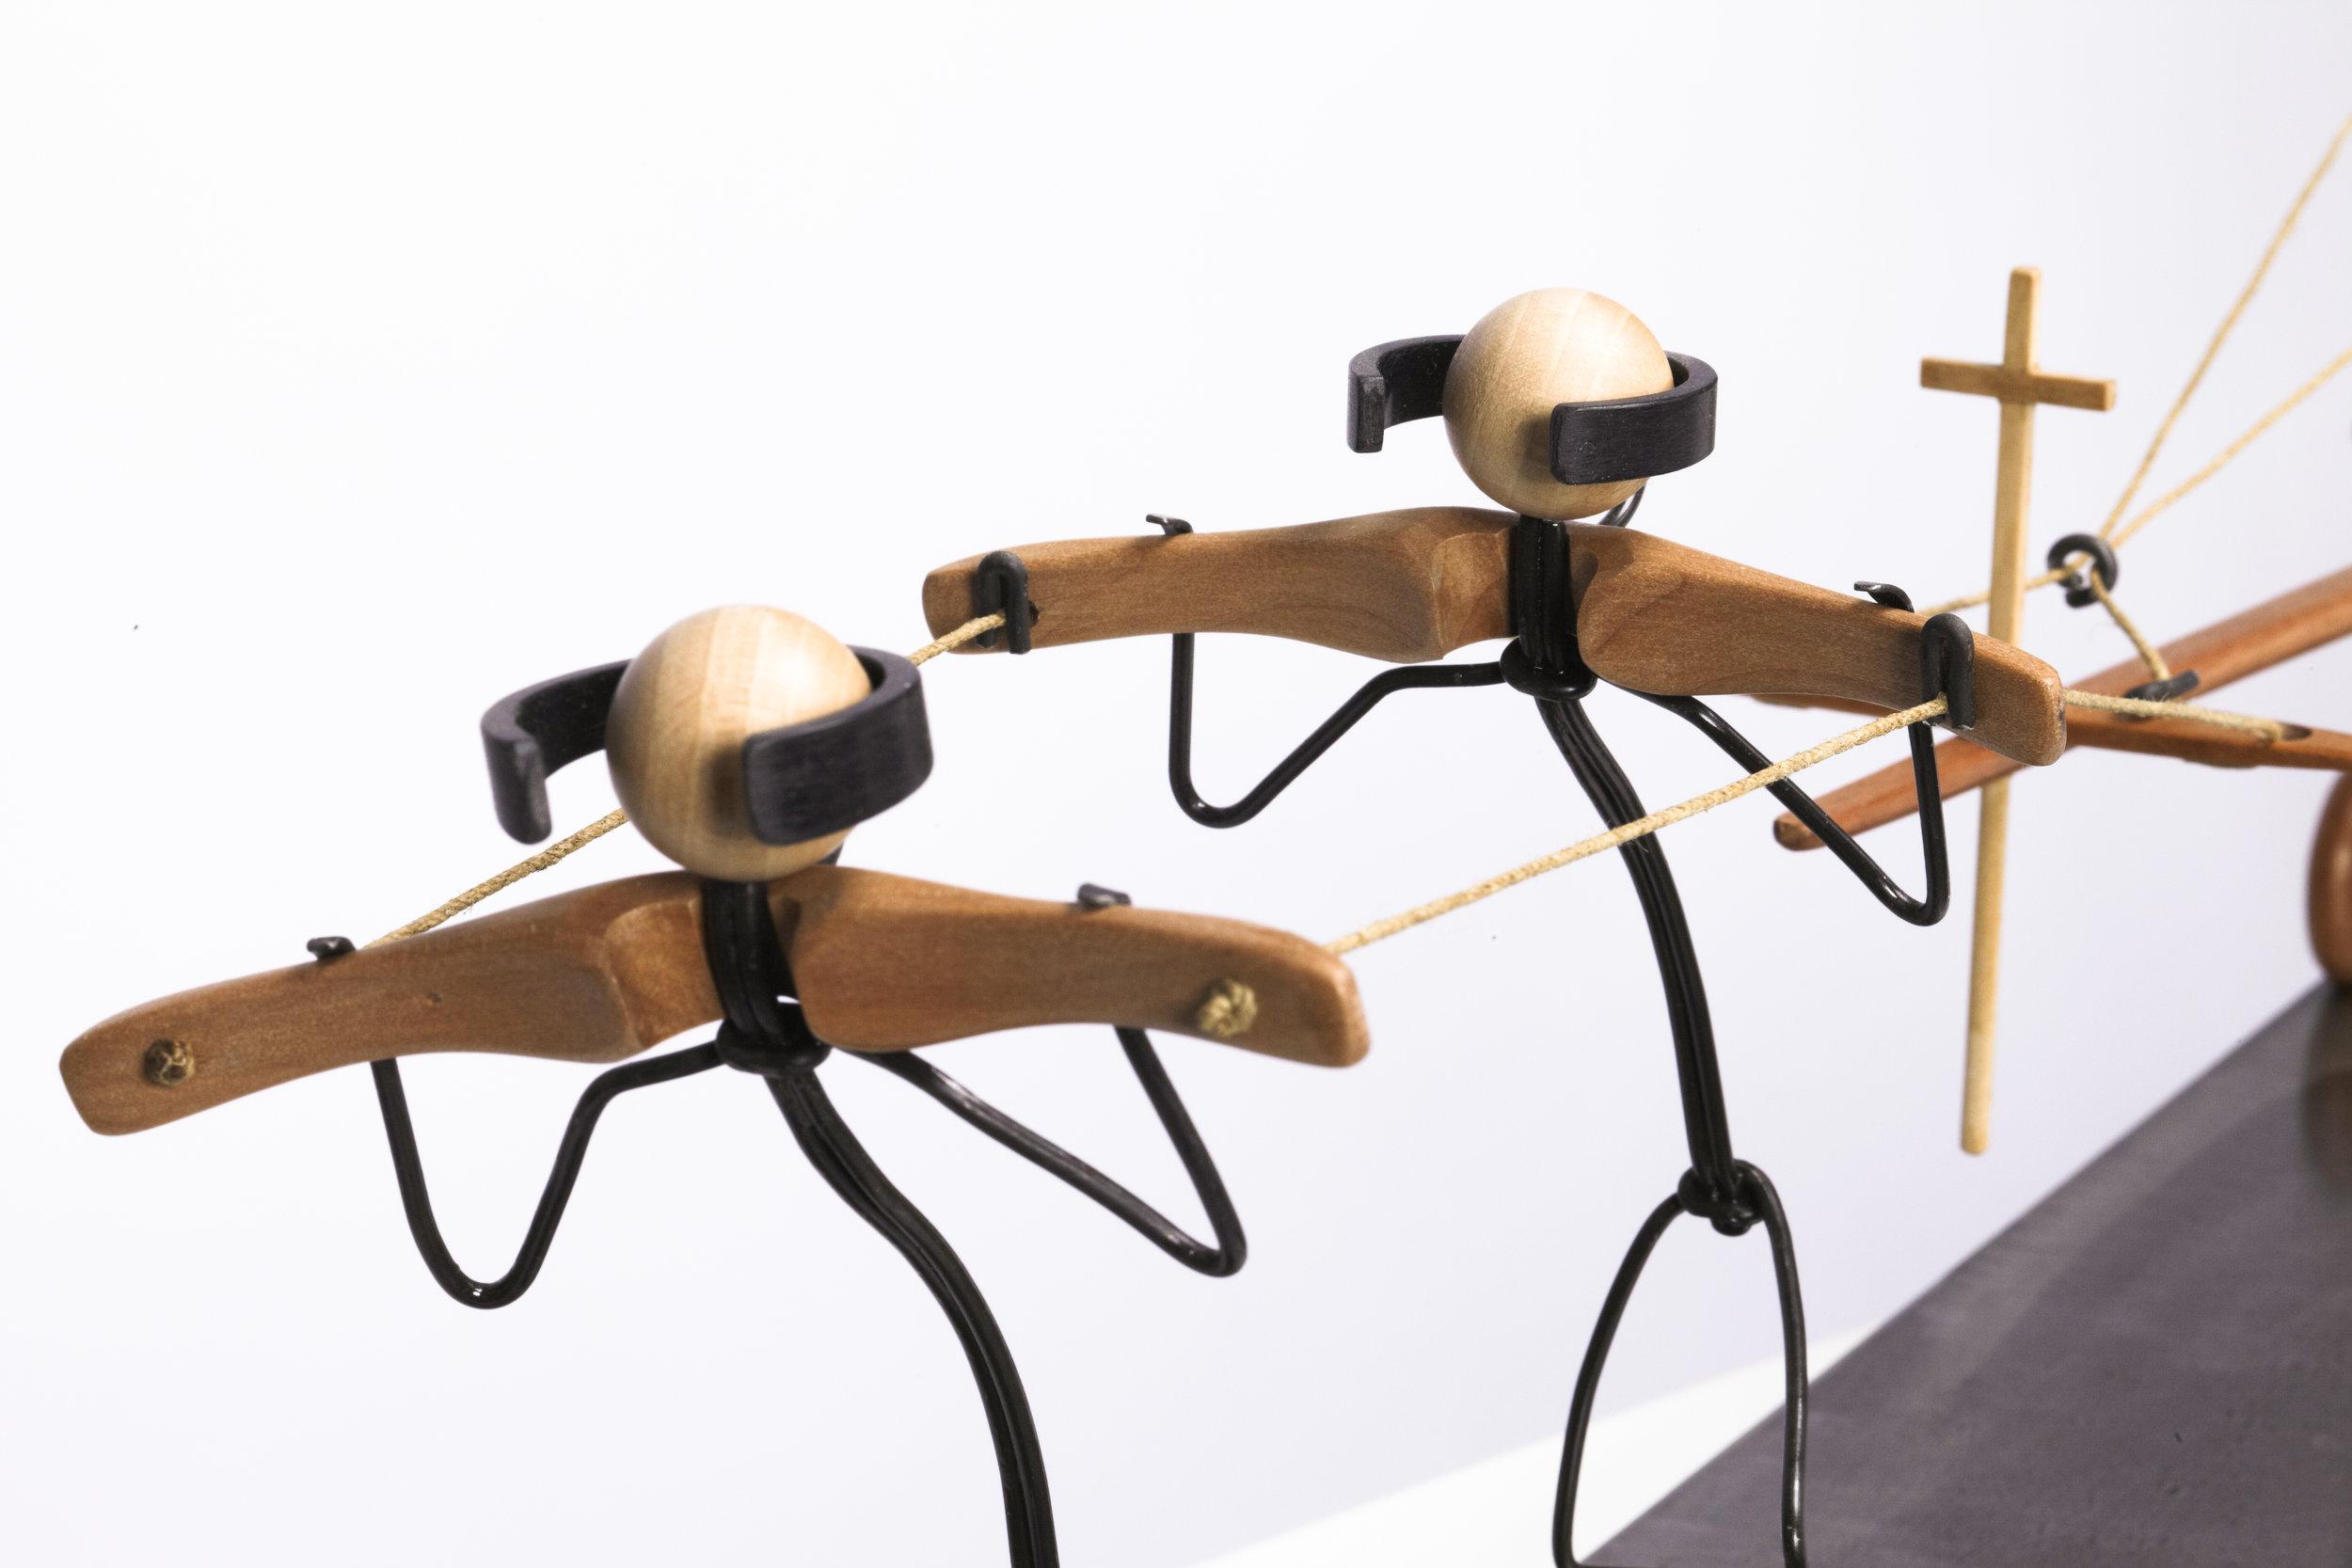 Escultura con personajes Otoko titulada –Problema-, creada por Antoni Yranzo en el año 2010 en su estudio-taller de Barcelona